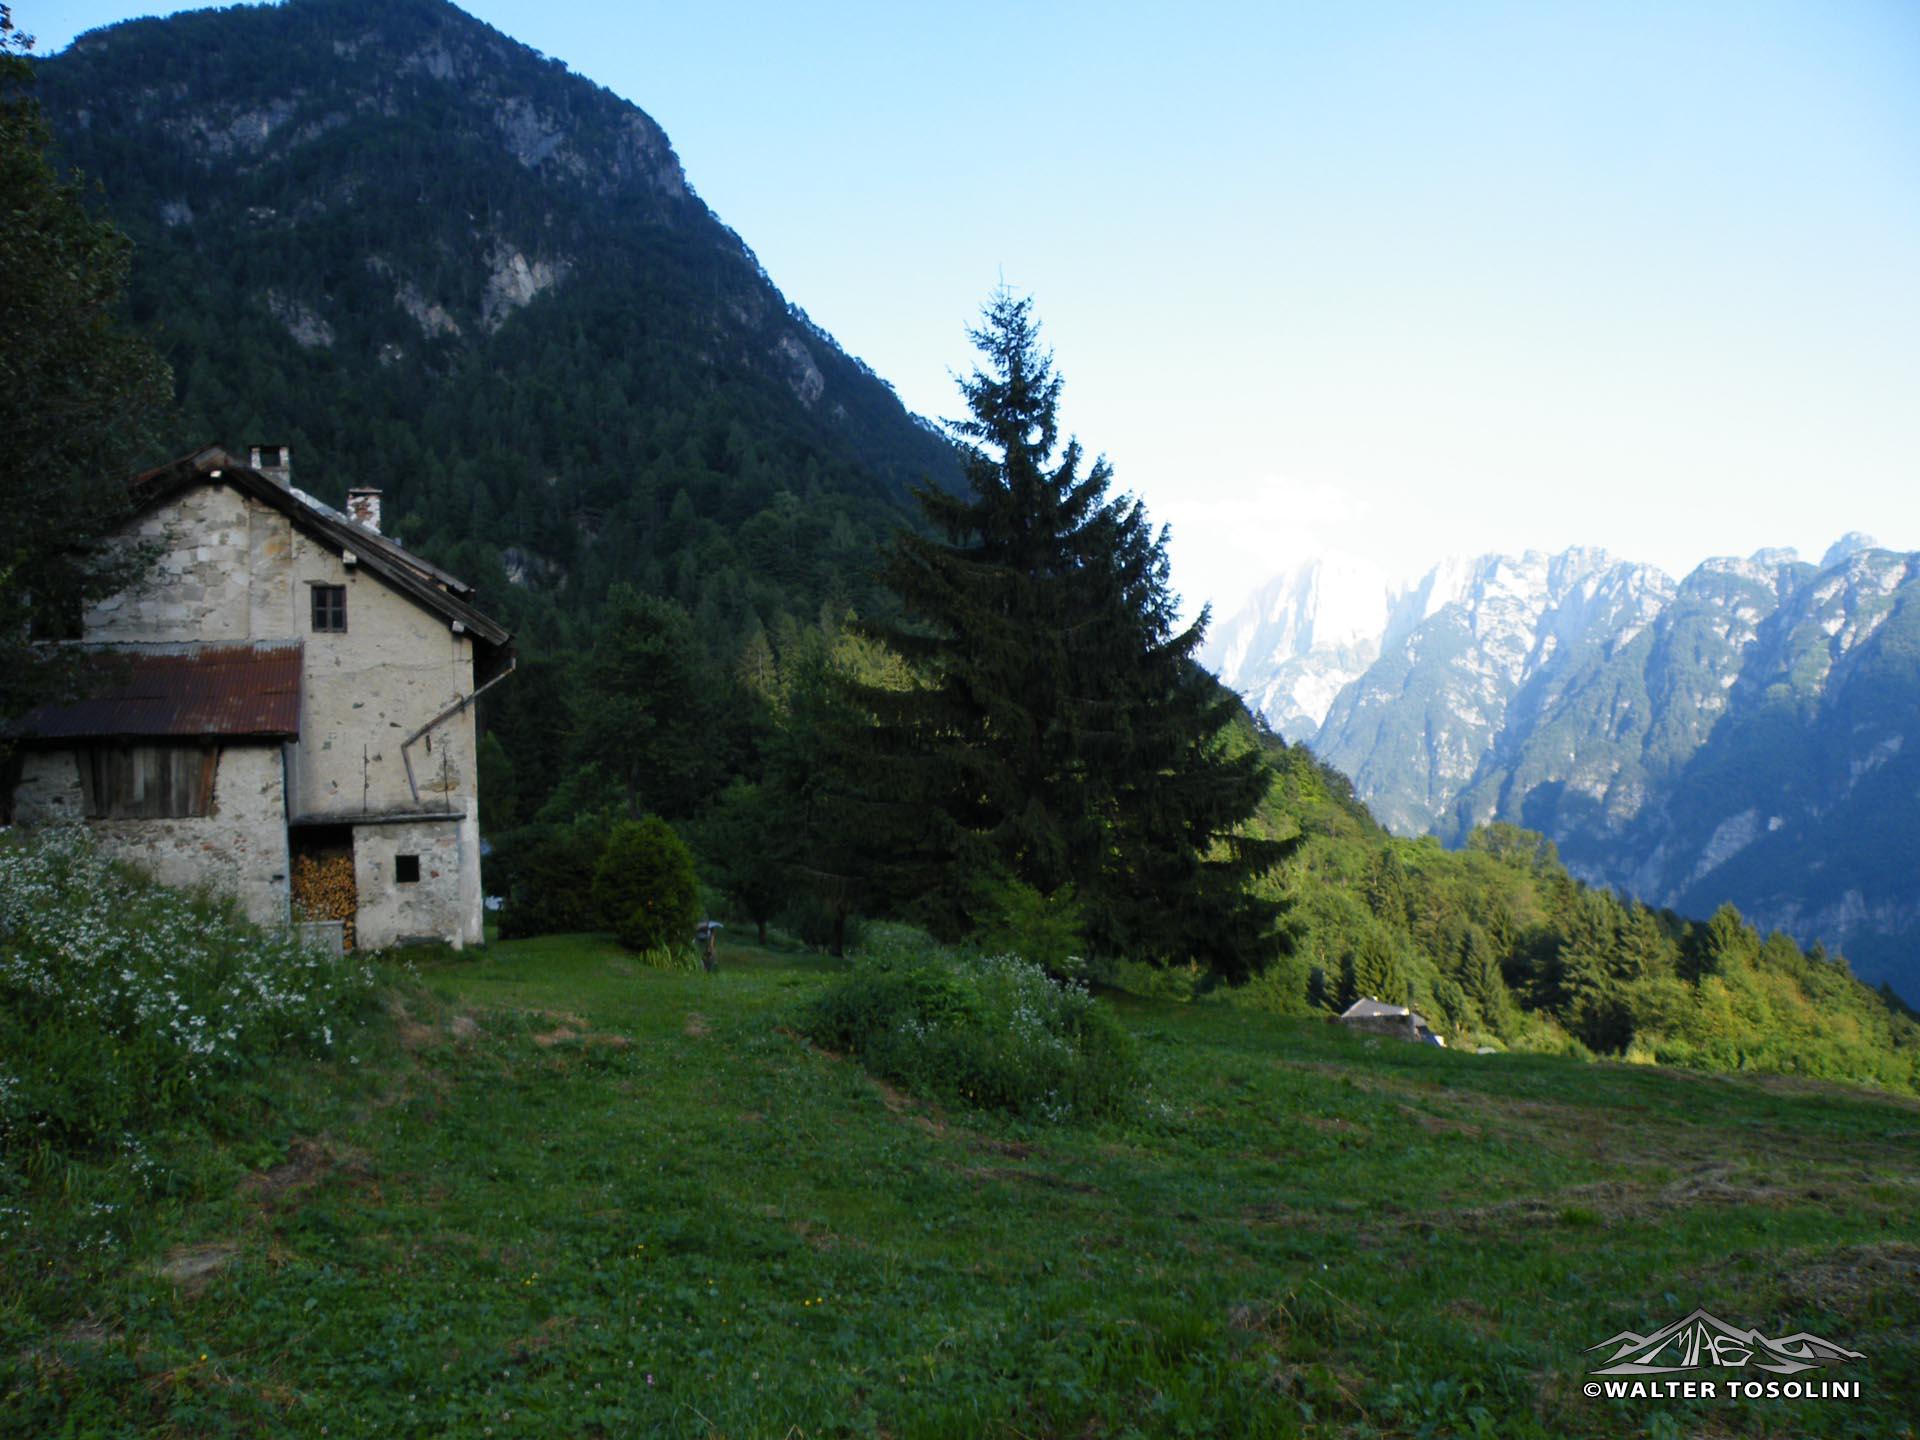 Mincigos vecchia e le morosine escursionismo for Casa di 8000 piedi quadrati